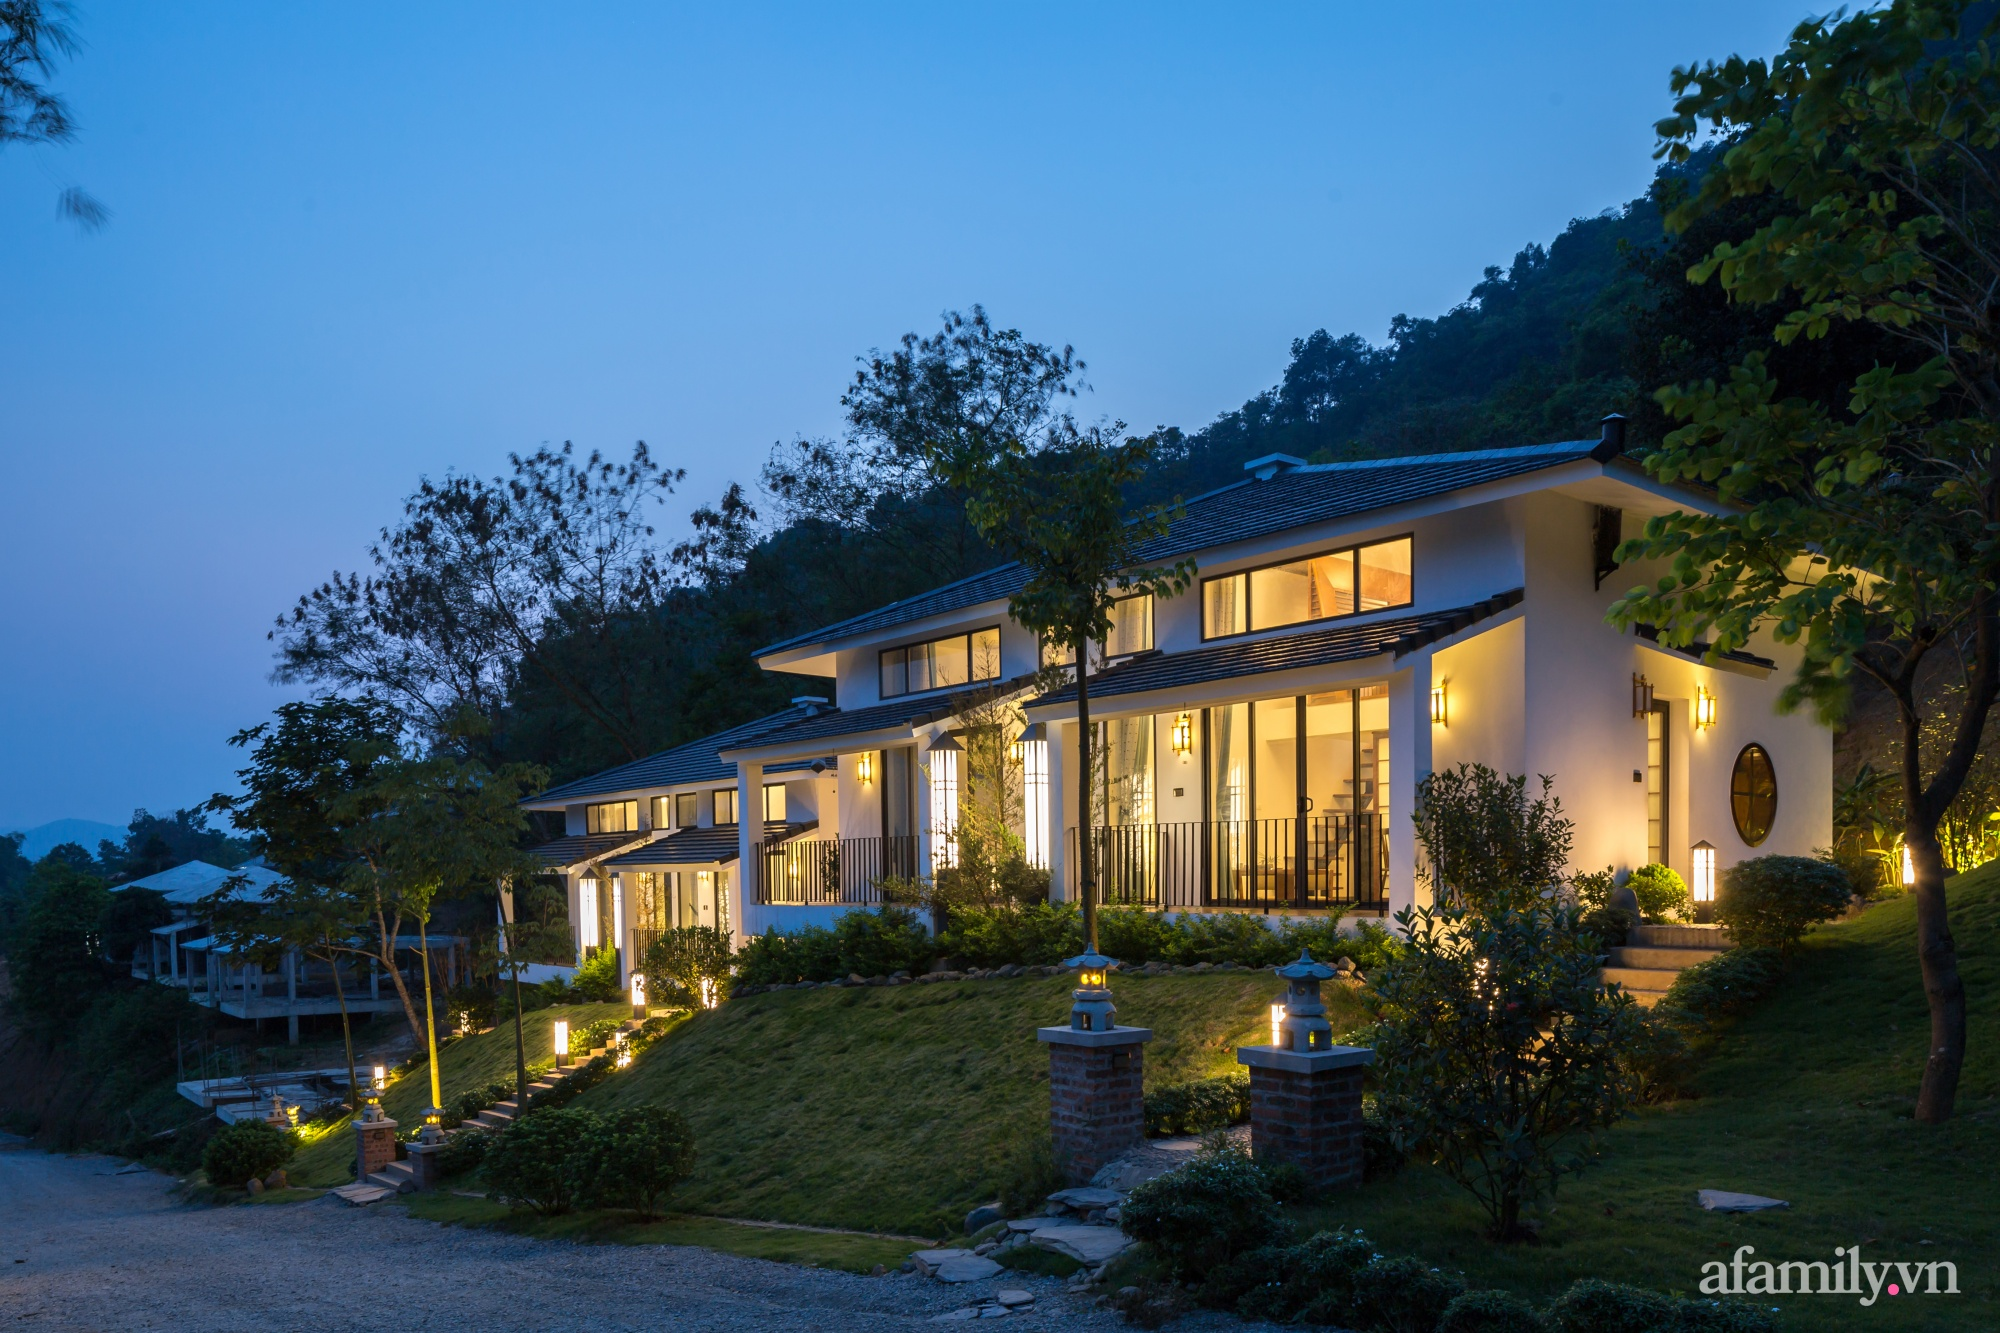 Nhà trên đồi lộng gió thoáng rộng thảnh thơi đón nắng ngập tràn ở Kỳ Sơn, Hòa Bình - Ảnh 3.